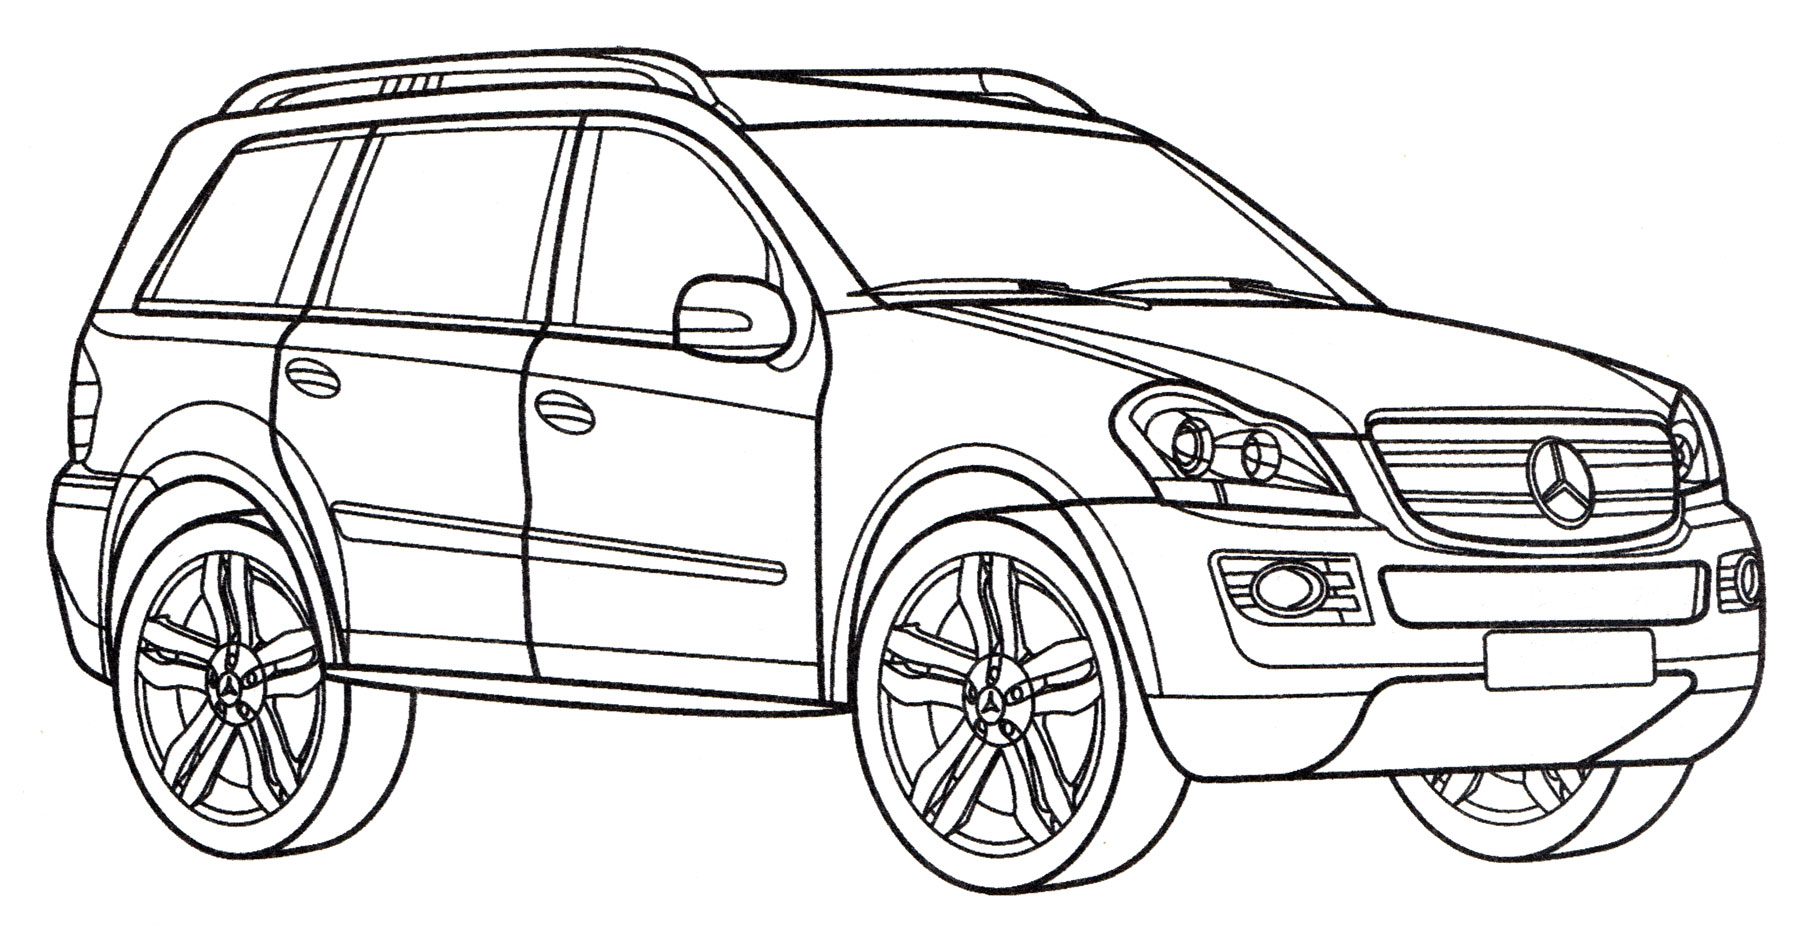 Раскраска Mercedes GL 500 - распечатать бесплатно